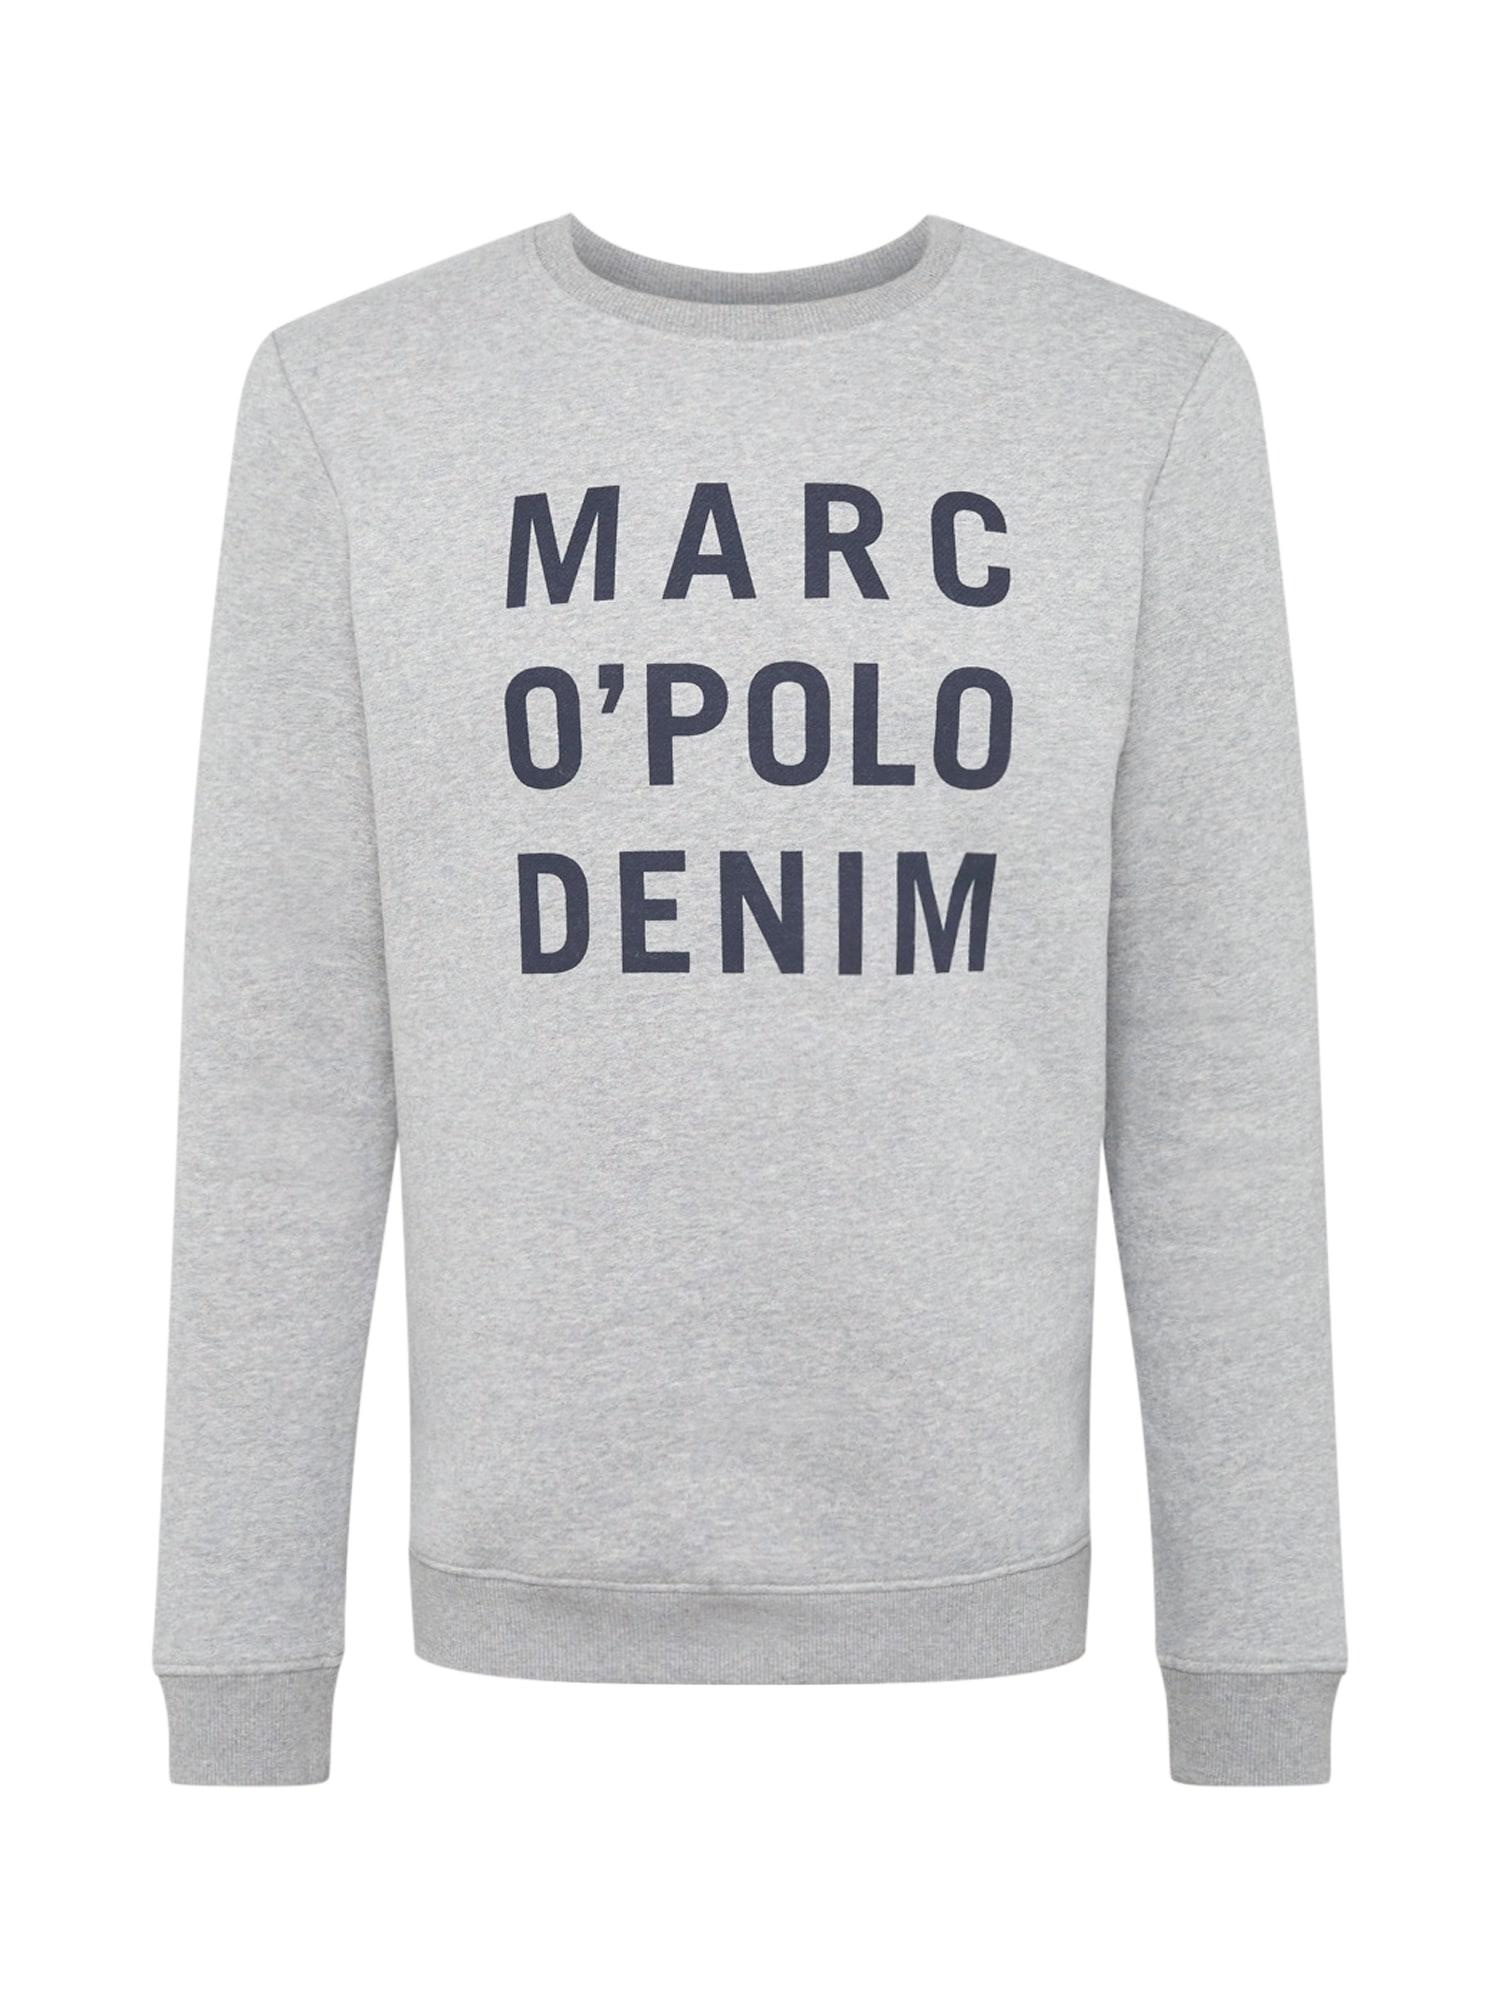 Marc O'Polo DENIM Mikina  šedá / čedičová šedá